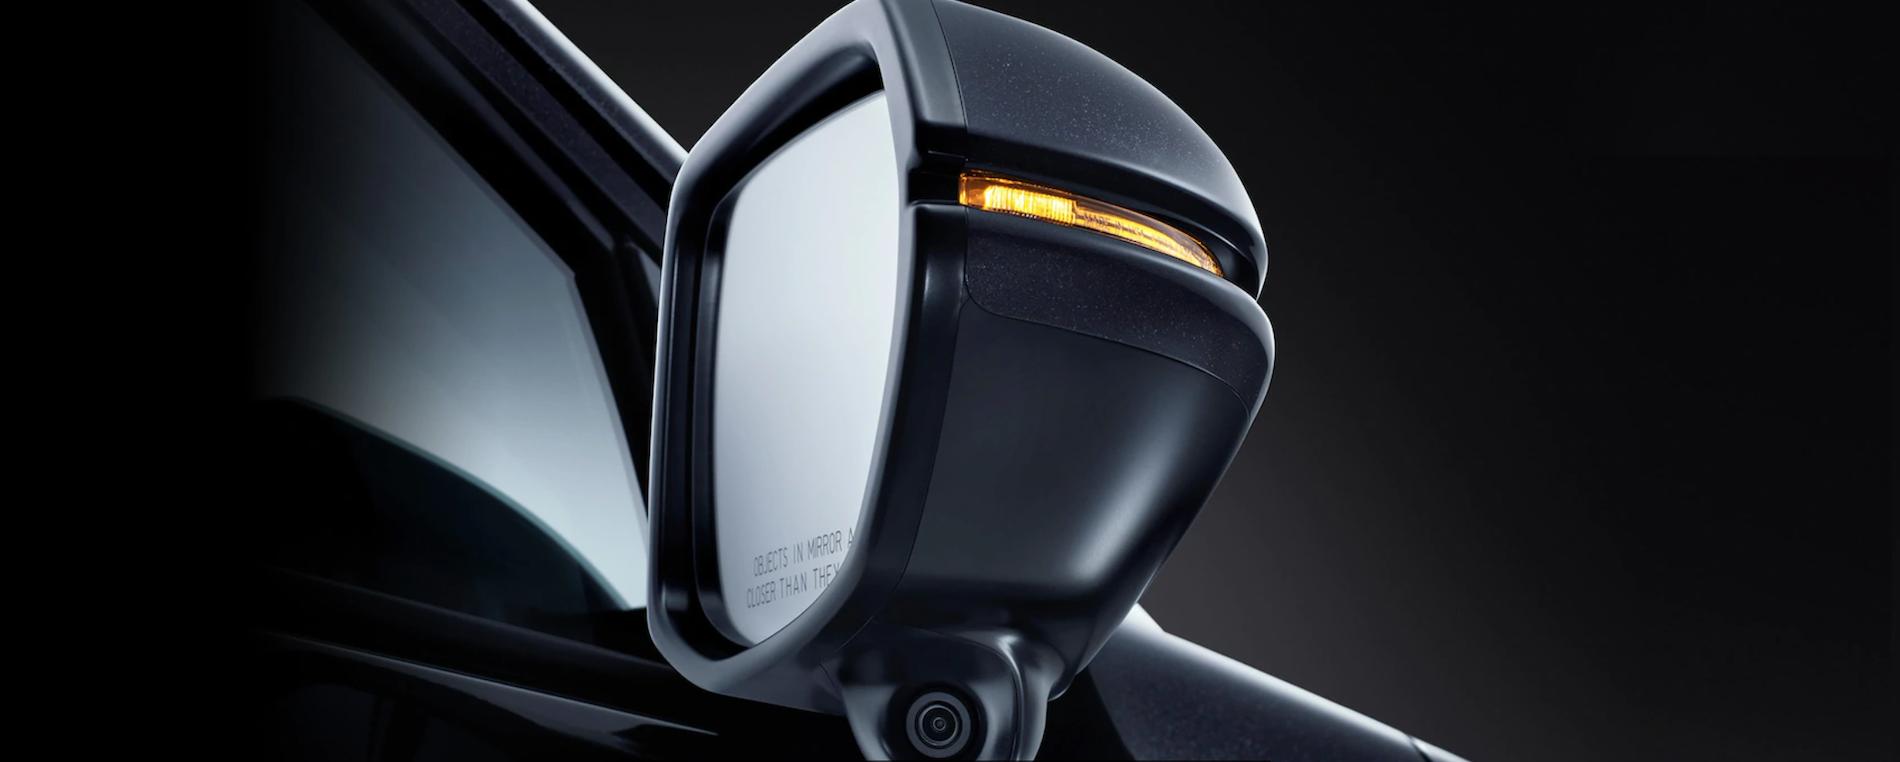 2021 Honda HR-V Mirror